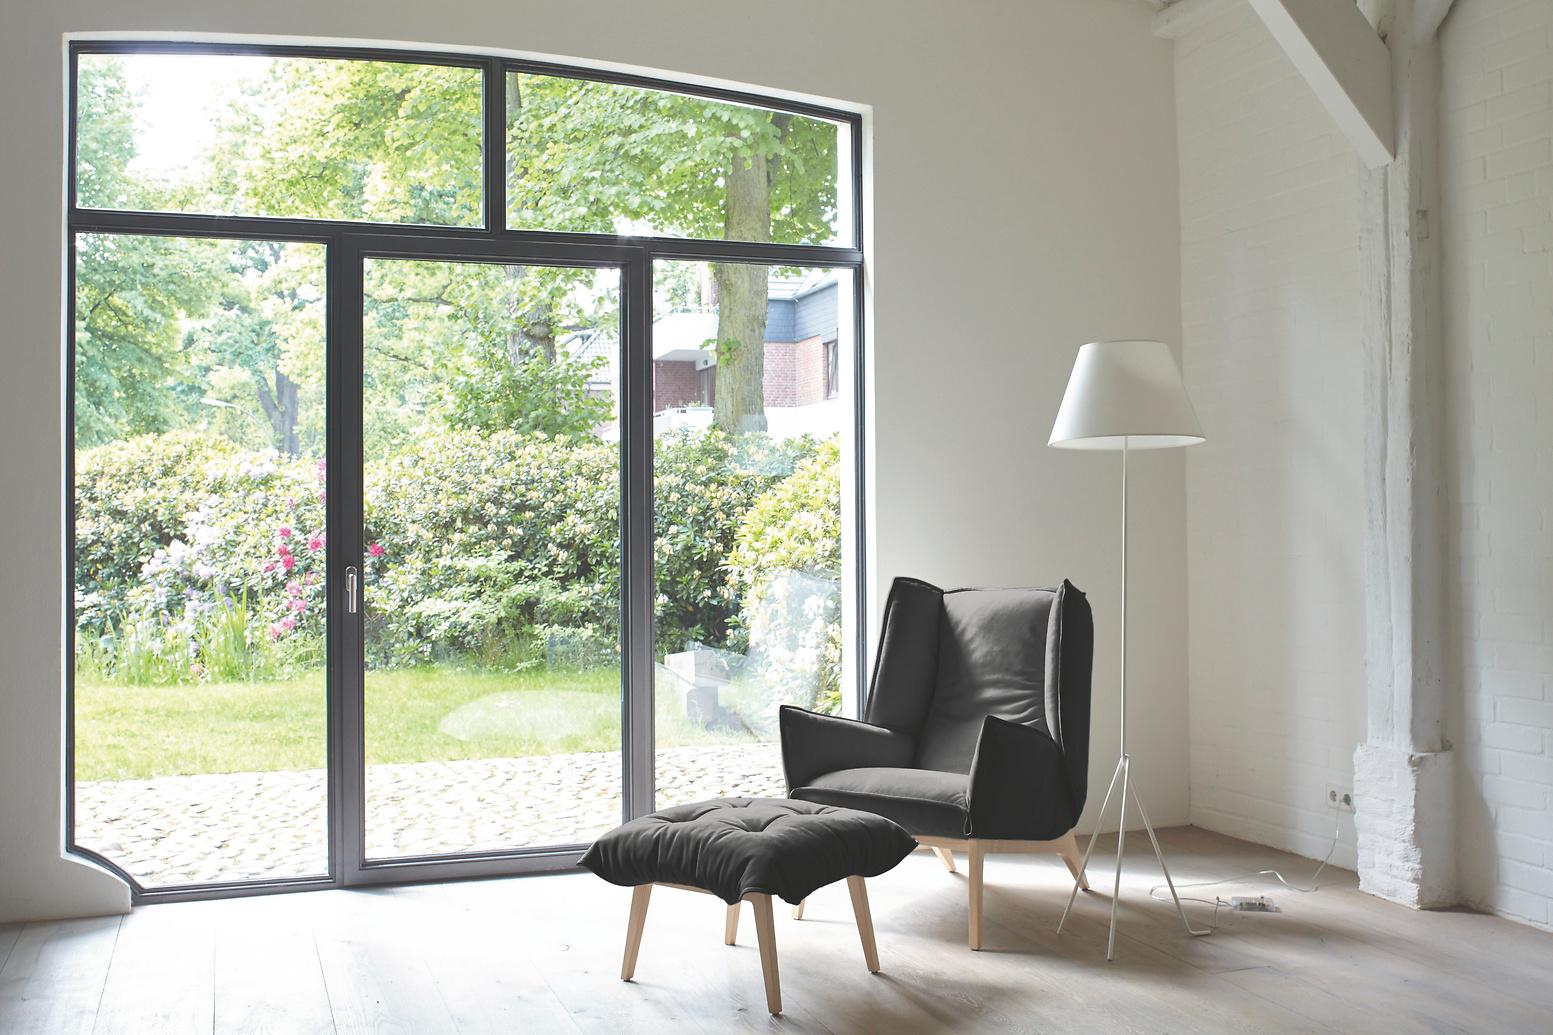 wandfarbe wei allergiker geeignet ohne reizstoffe alpina naturawei alpina farben. Black Bedroom Furniture Sets. Home Design Ideas